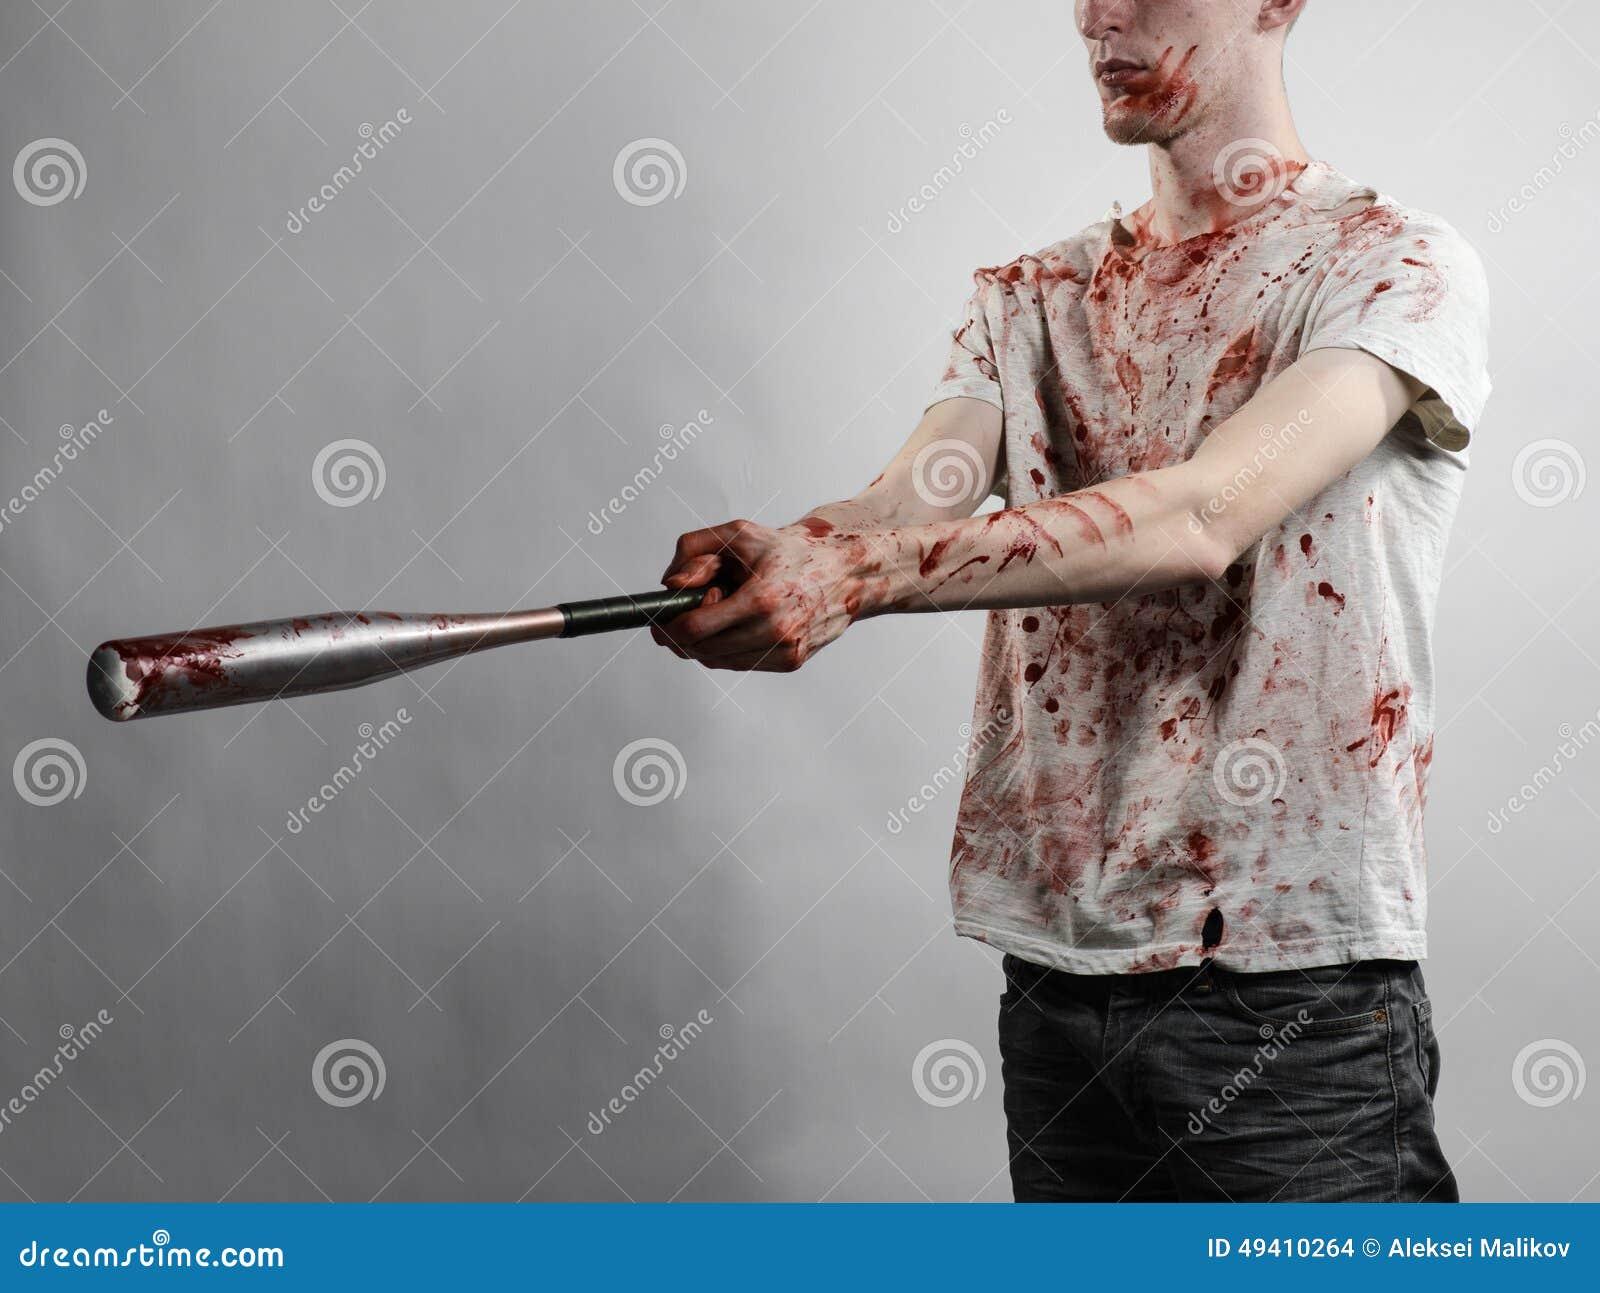 Download Blutiges Thema: Der Kerl In Einem Blutigen T-Shirt, Das Einen Blutigen Schläger Auf Einem Weißen Hintergrund Hält Stockfoto - Bild von gangster, dunkel: 49410264